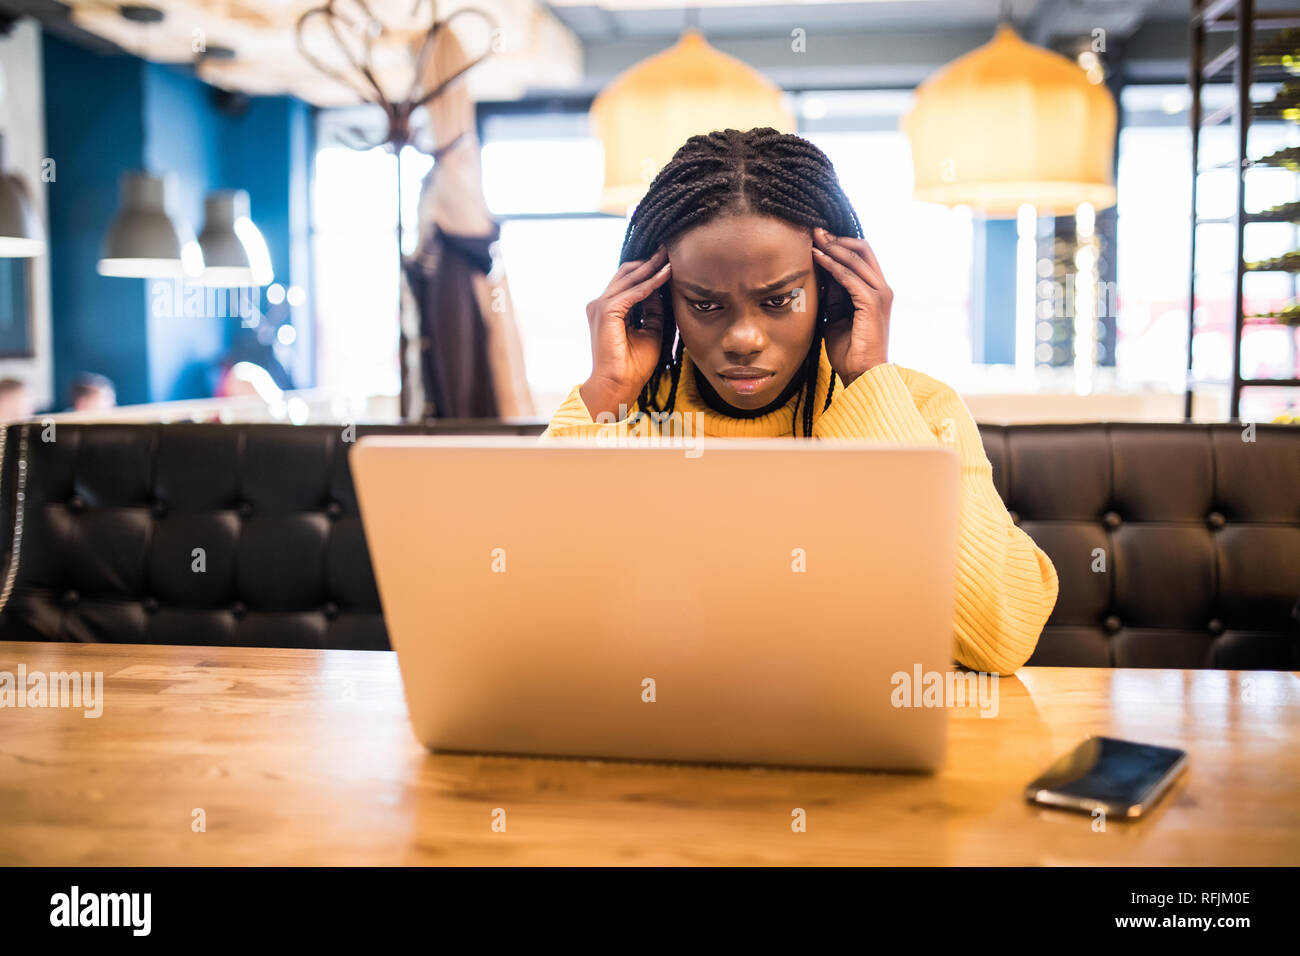 Joven africana con laptop sufre de dolor de cabeza mientras está sentado en la cafetería Foto de stock